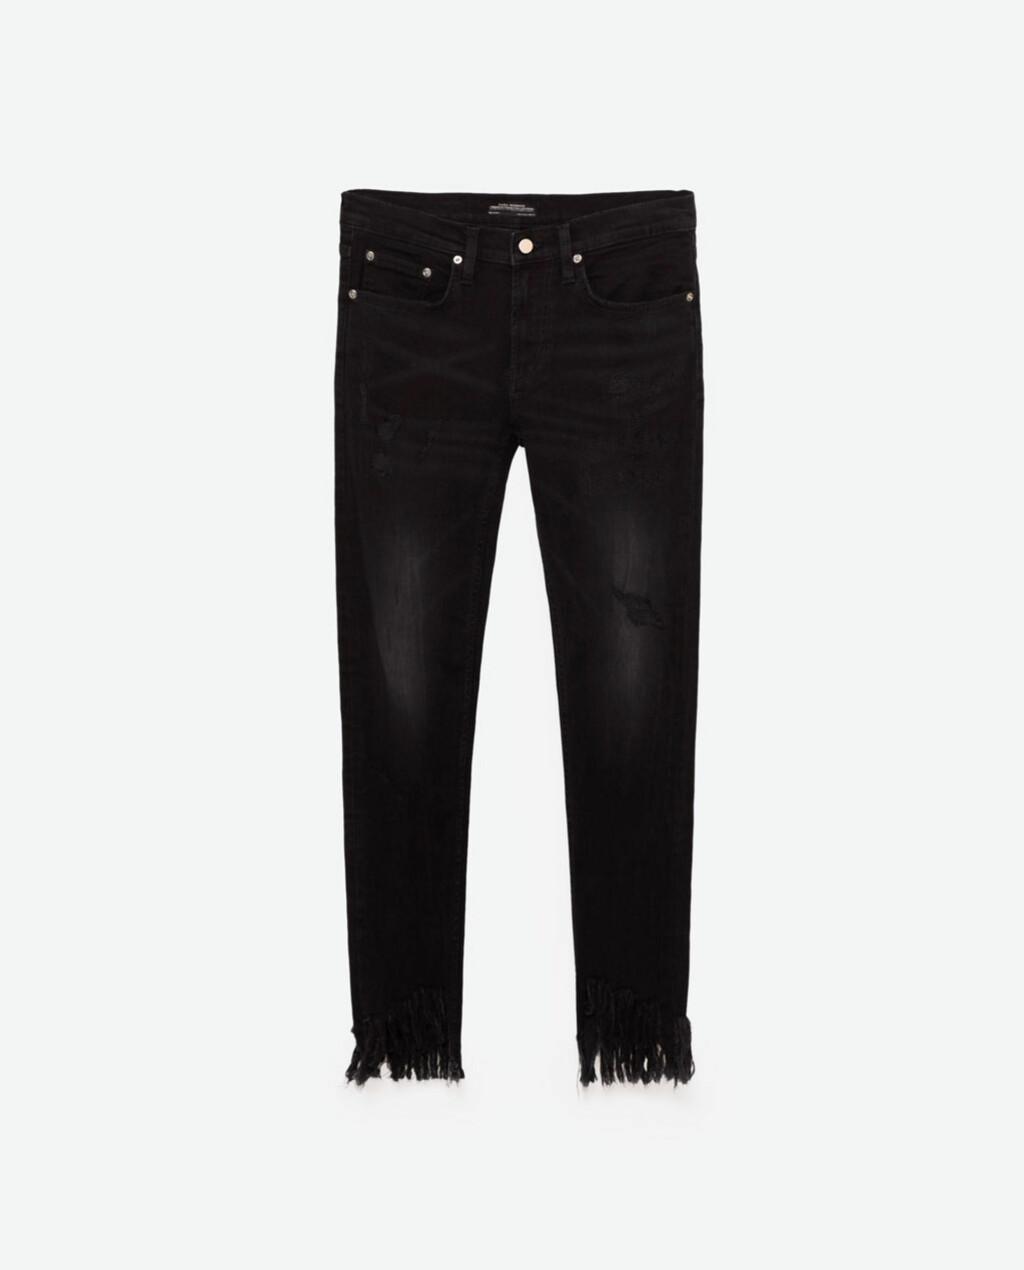 704682b6 Jeans: Selvfølgelig kan du bruke jeans på jobb - KK